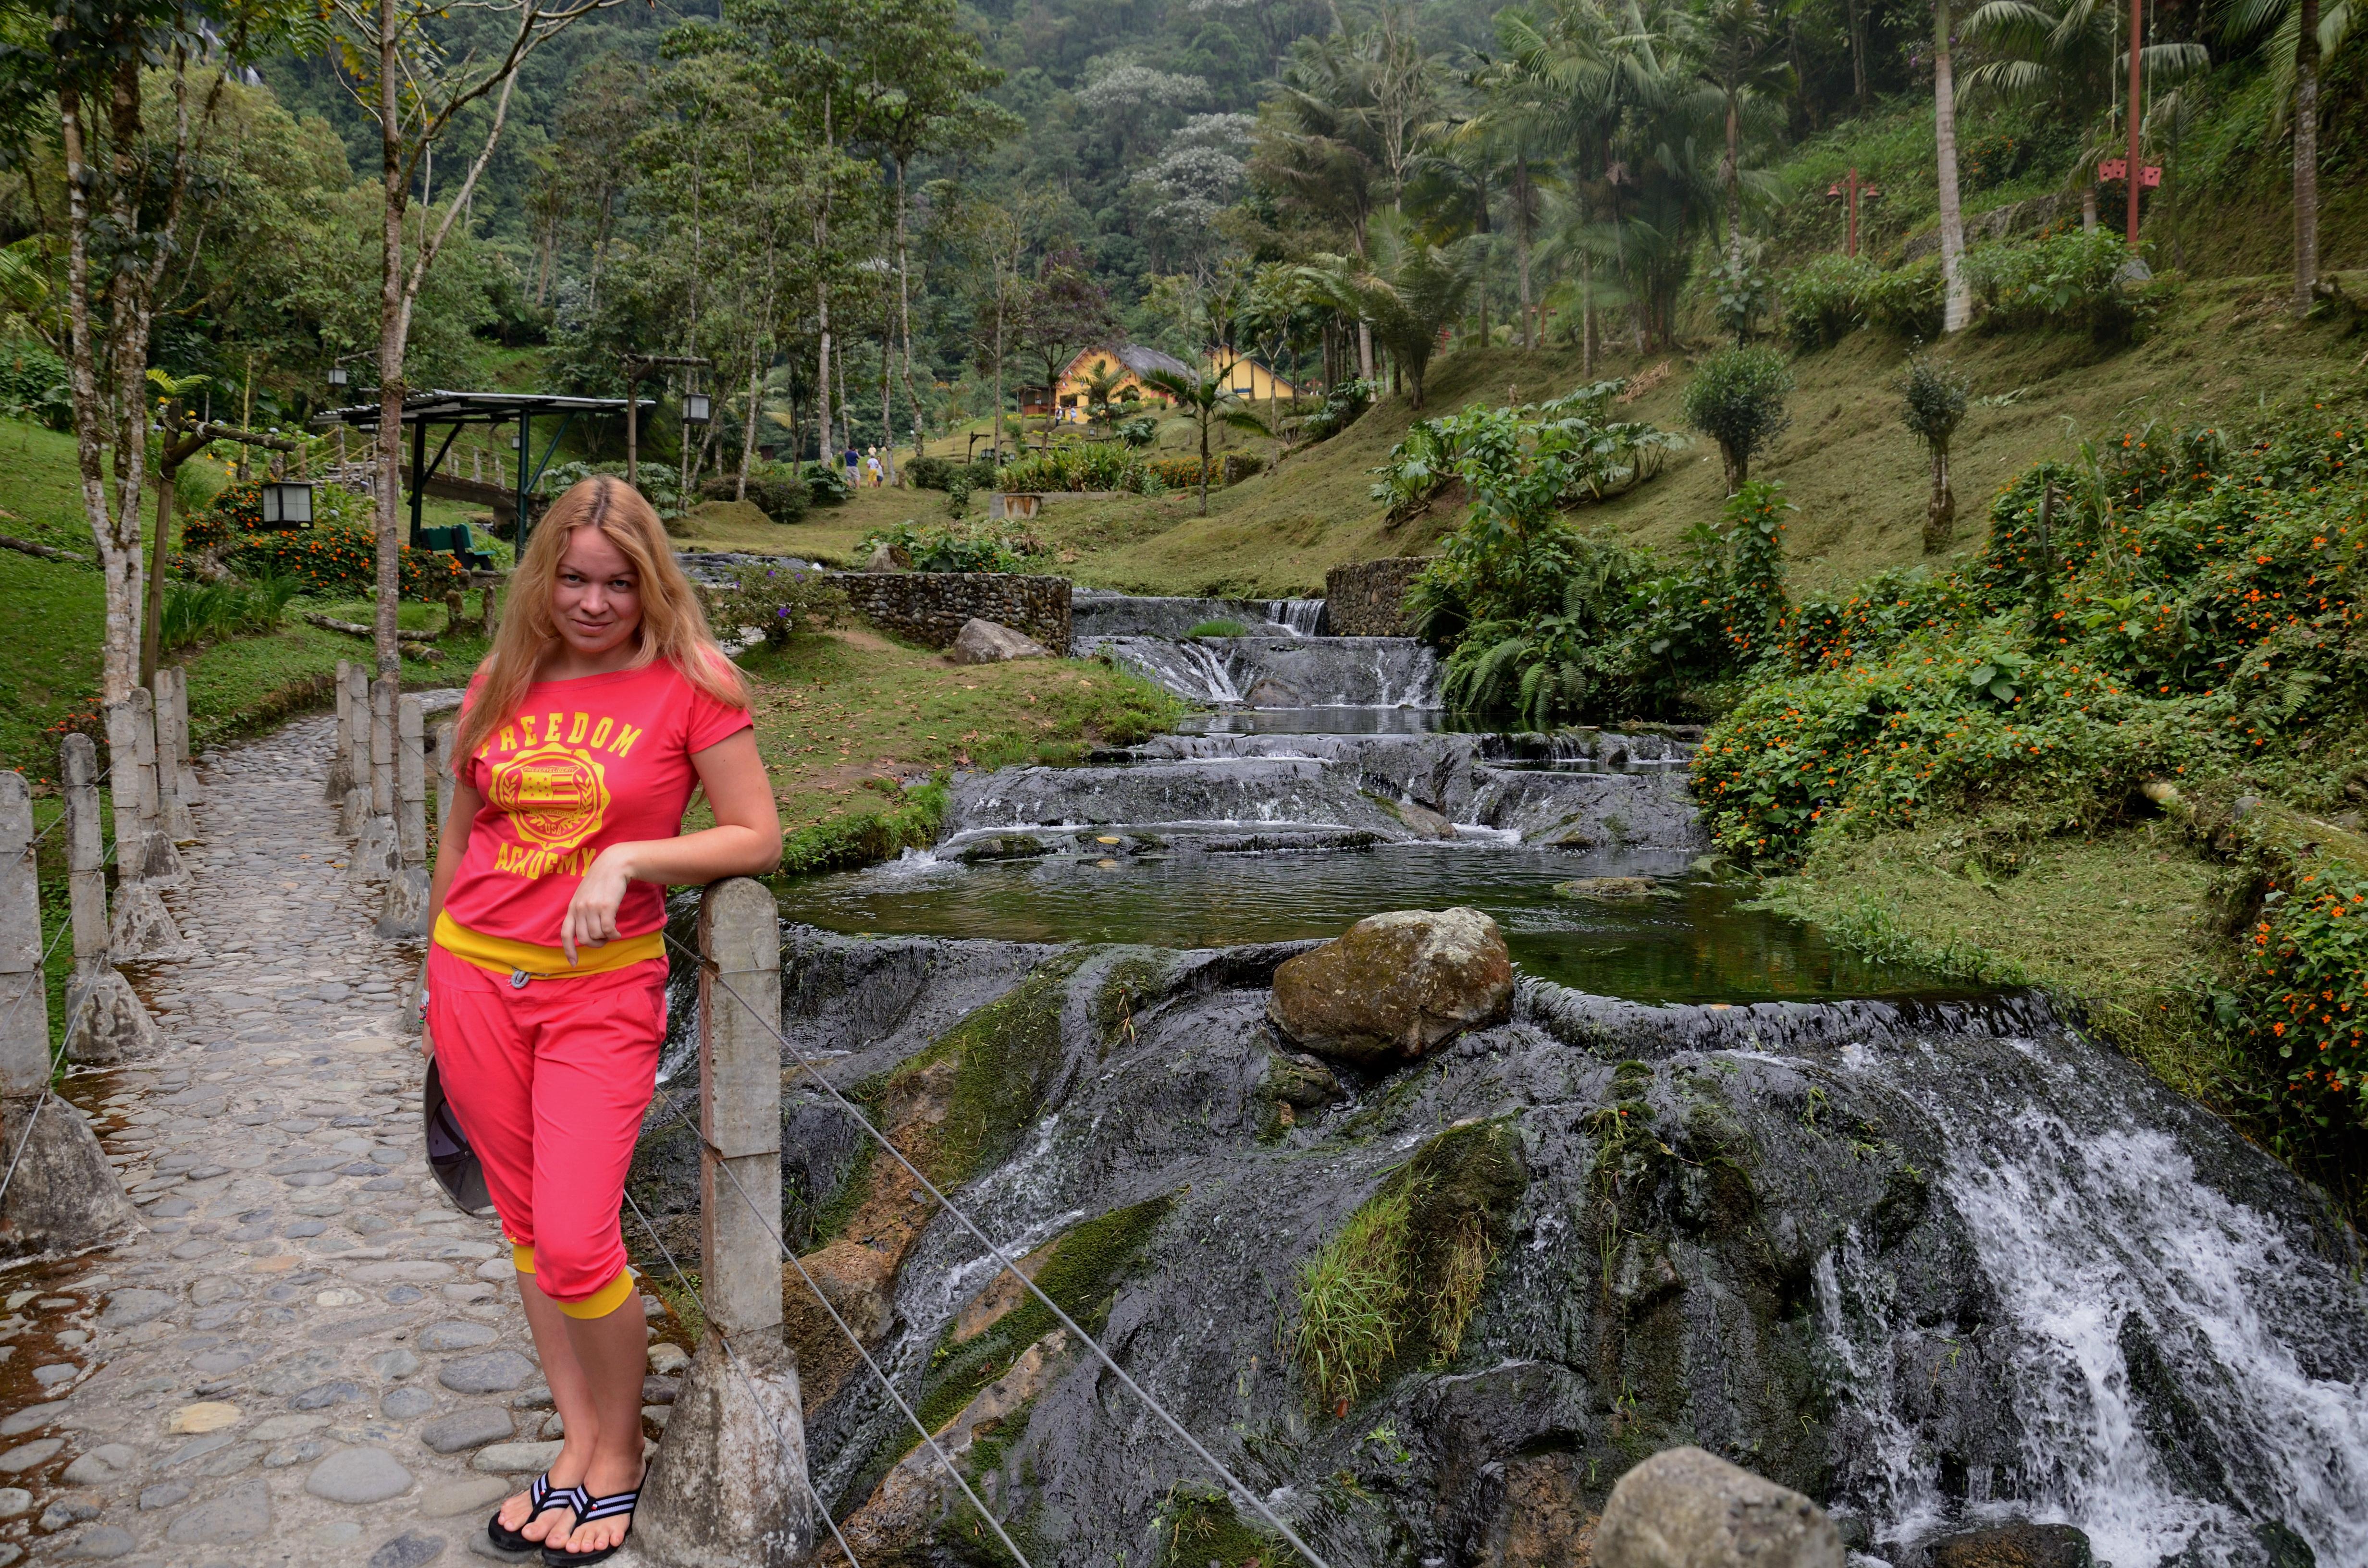 Colombia2015_DSC_8351.JPG